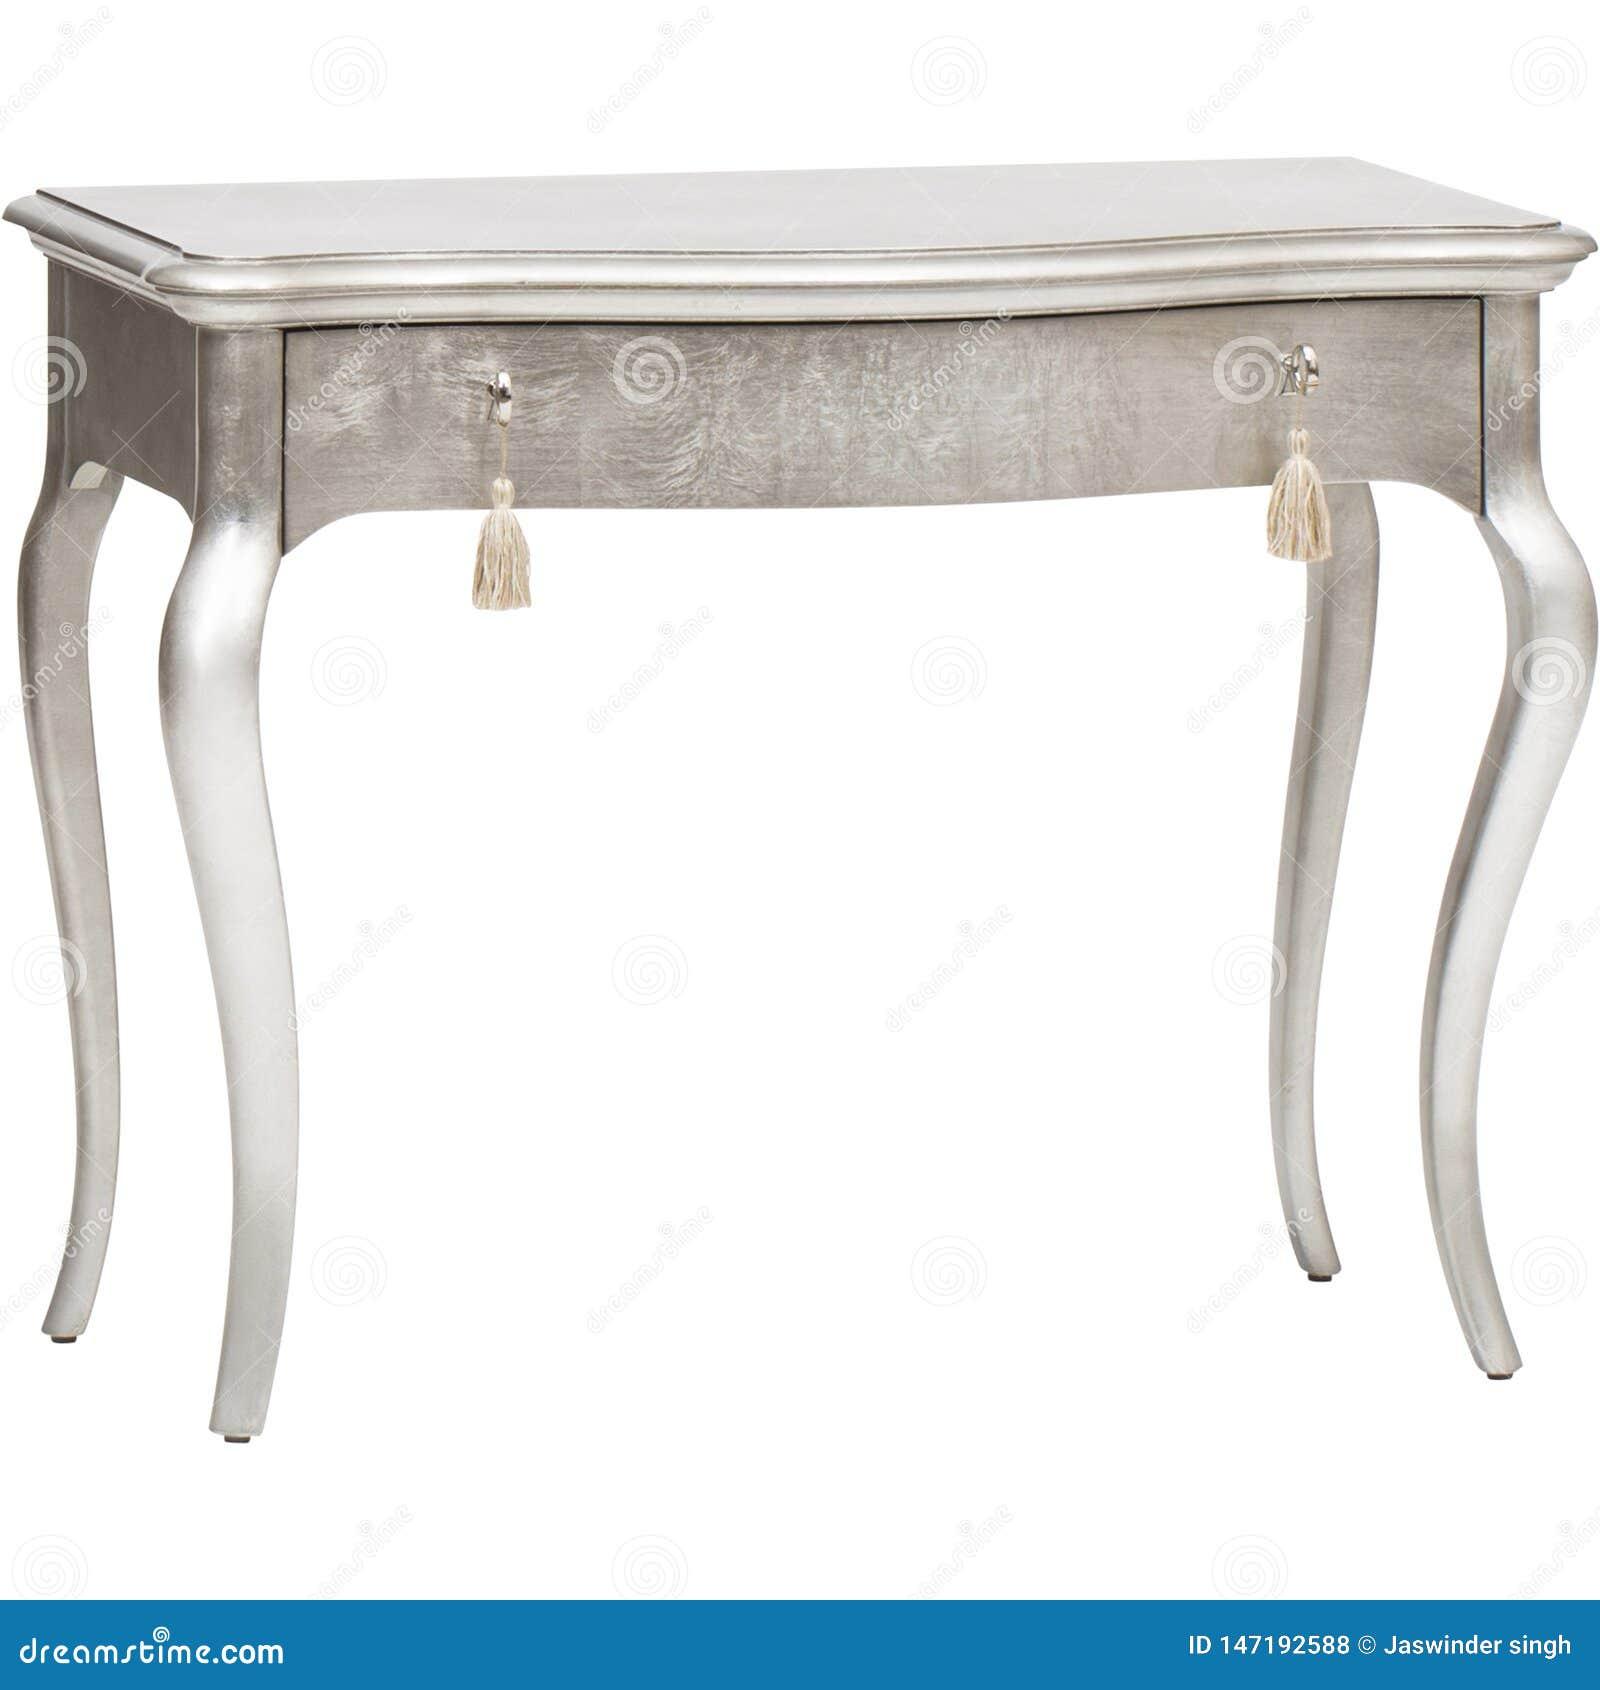 Серый цвет голубя стола пристани столов настольного блока одного ящика одиночный со для притяжкой лампы 7 идеи 1 мебели домашнего